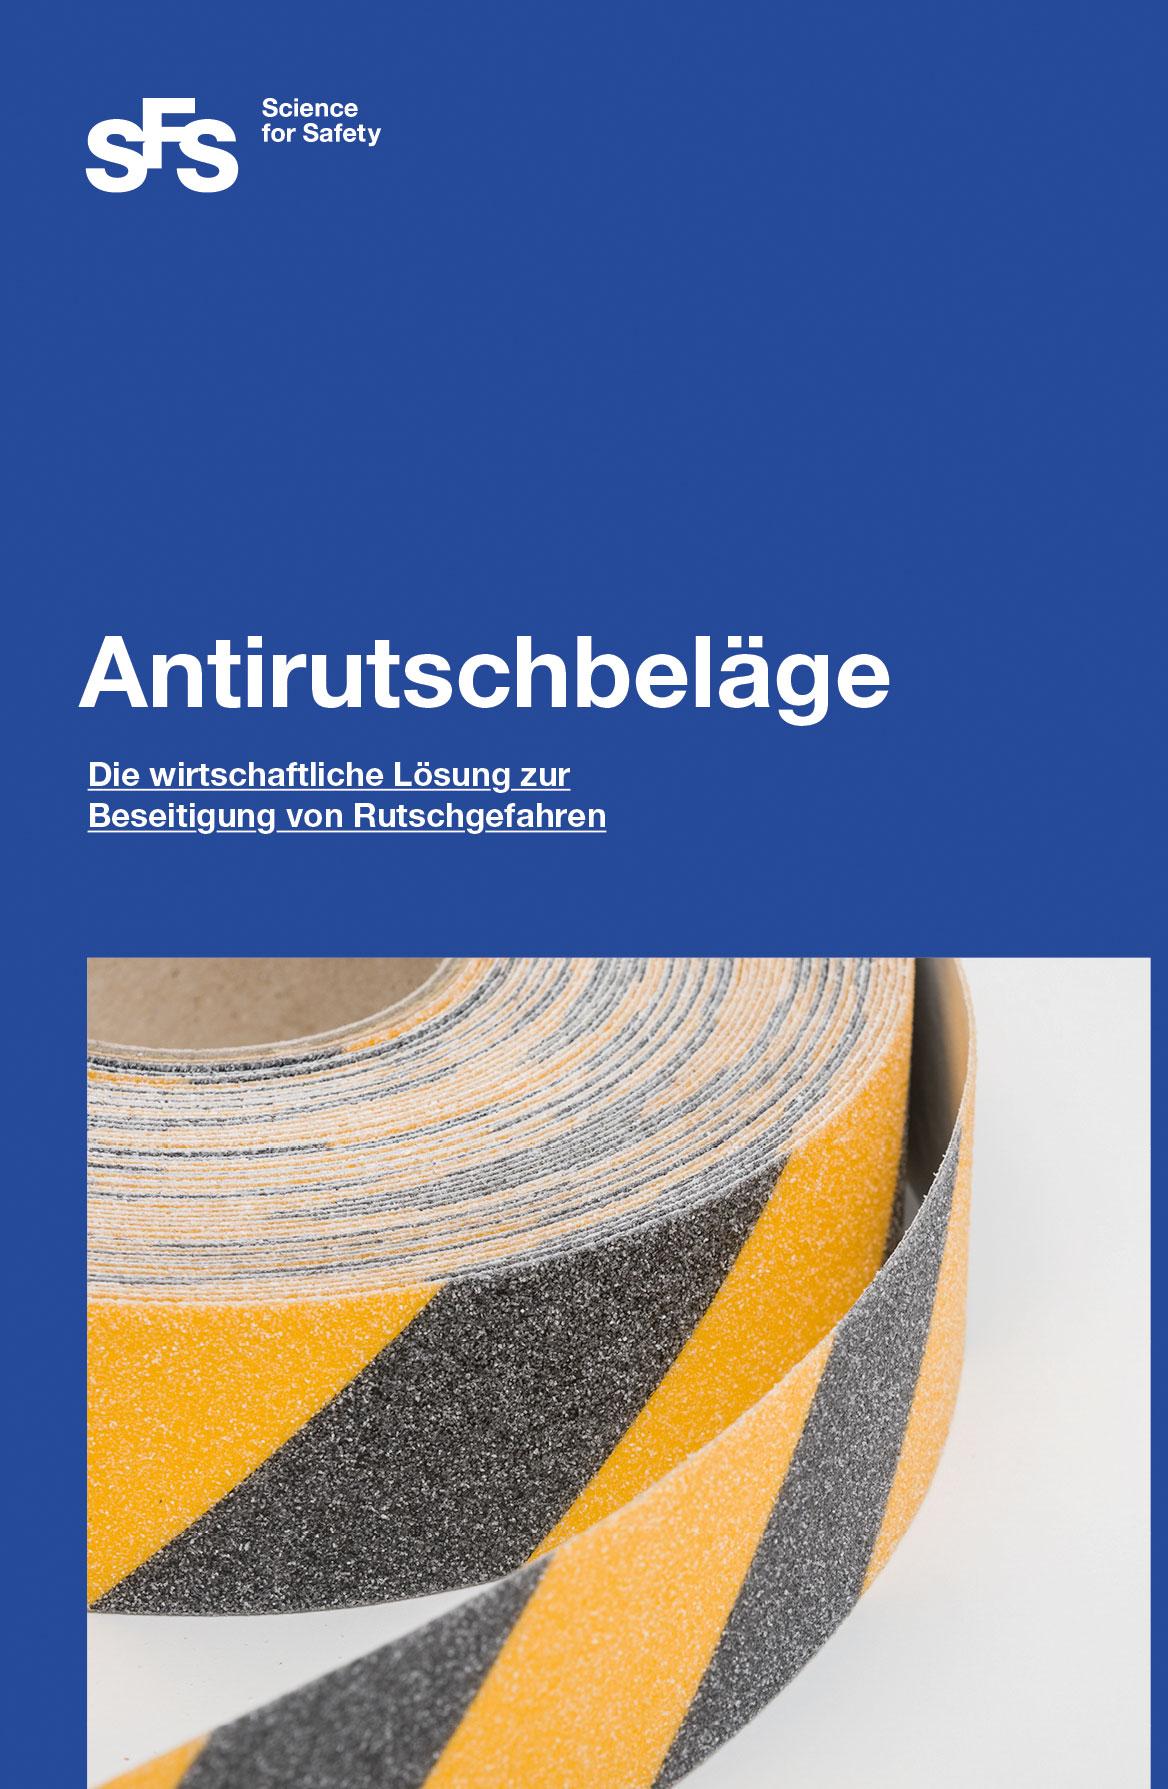 Katalog Antirutschbeläge von SFS